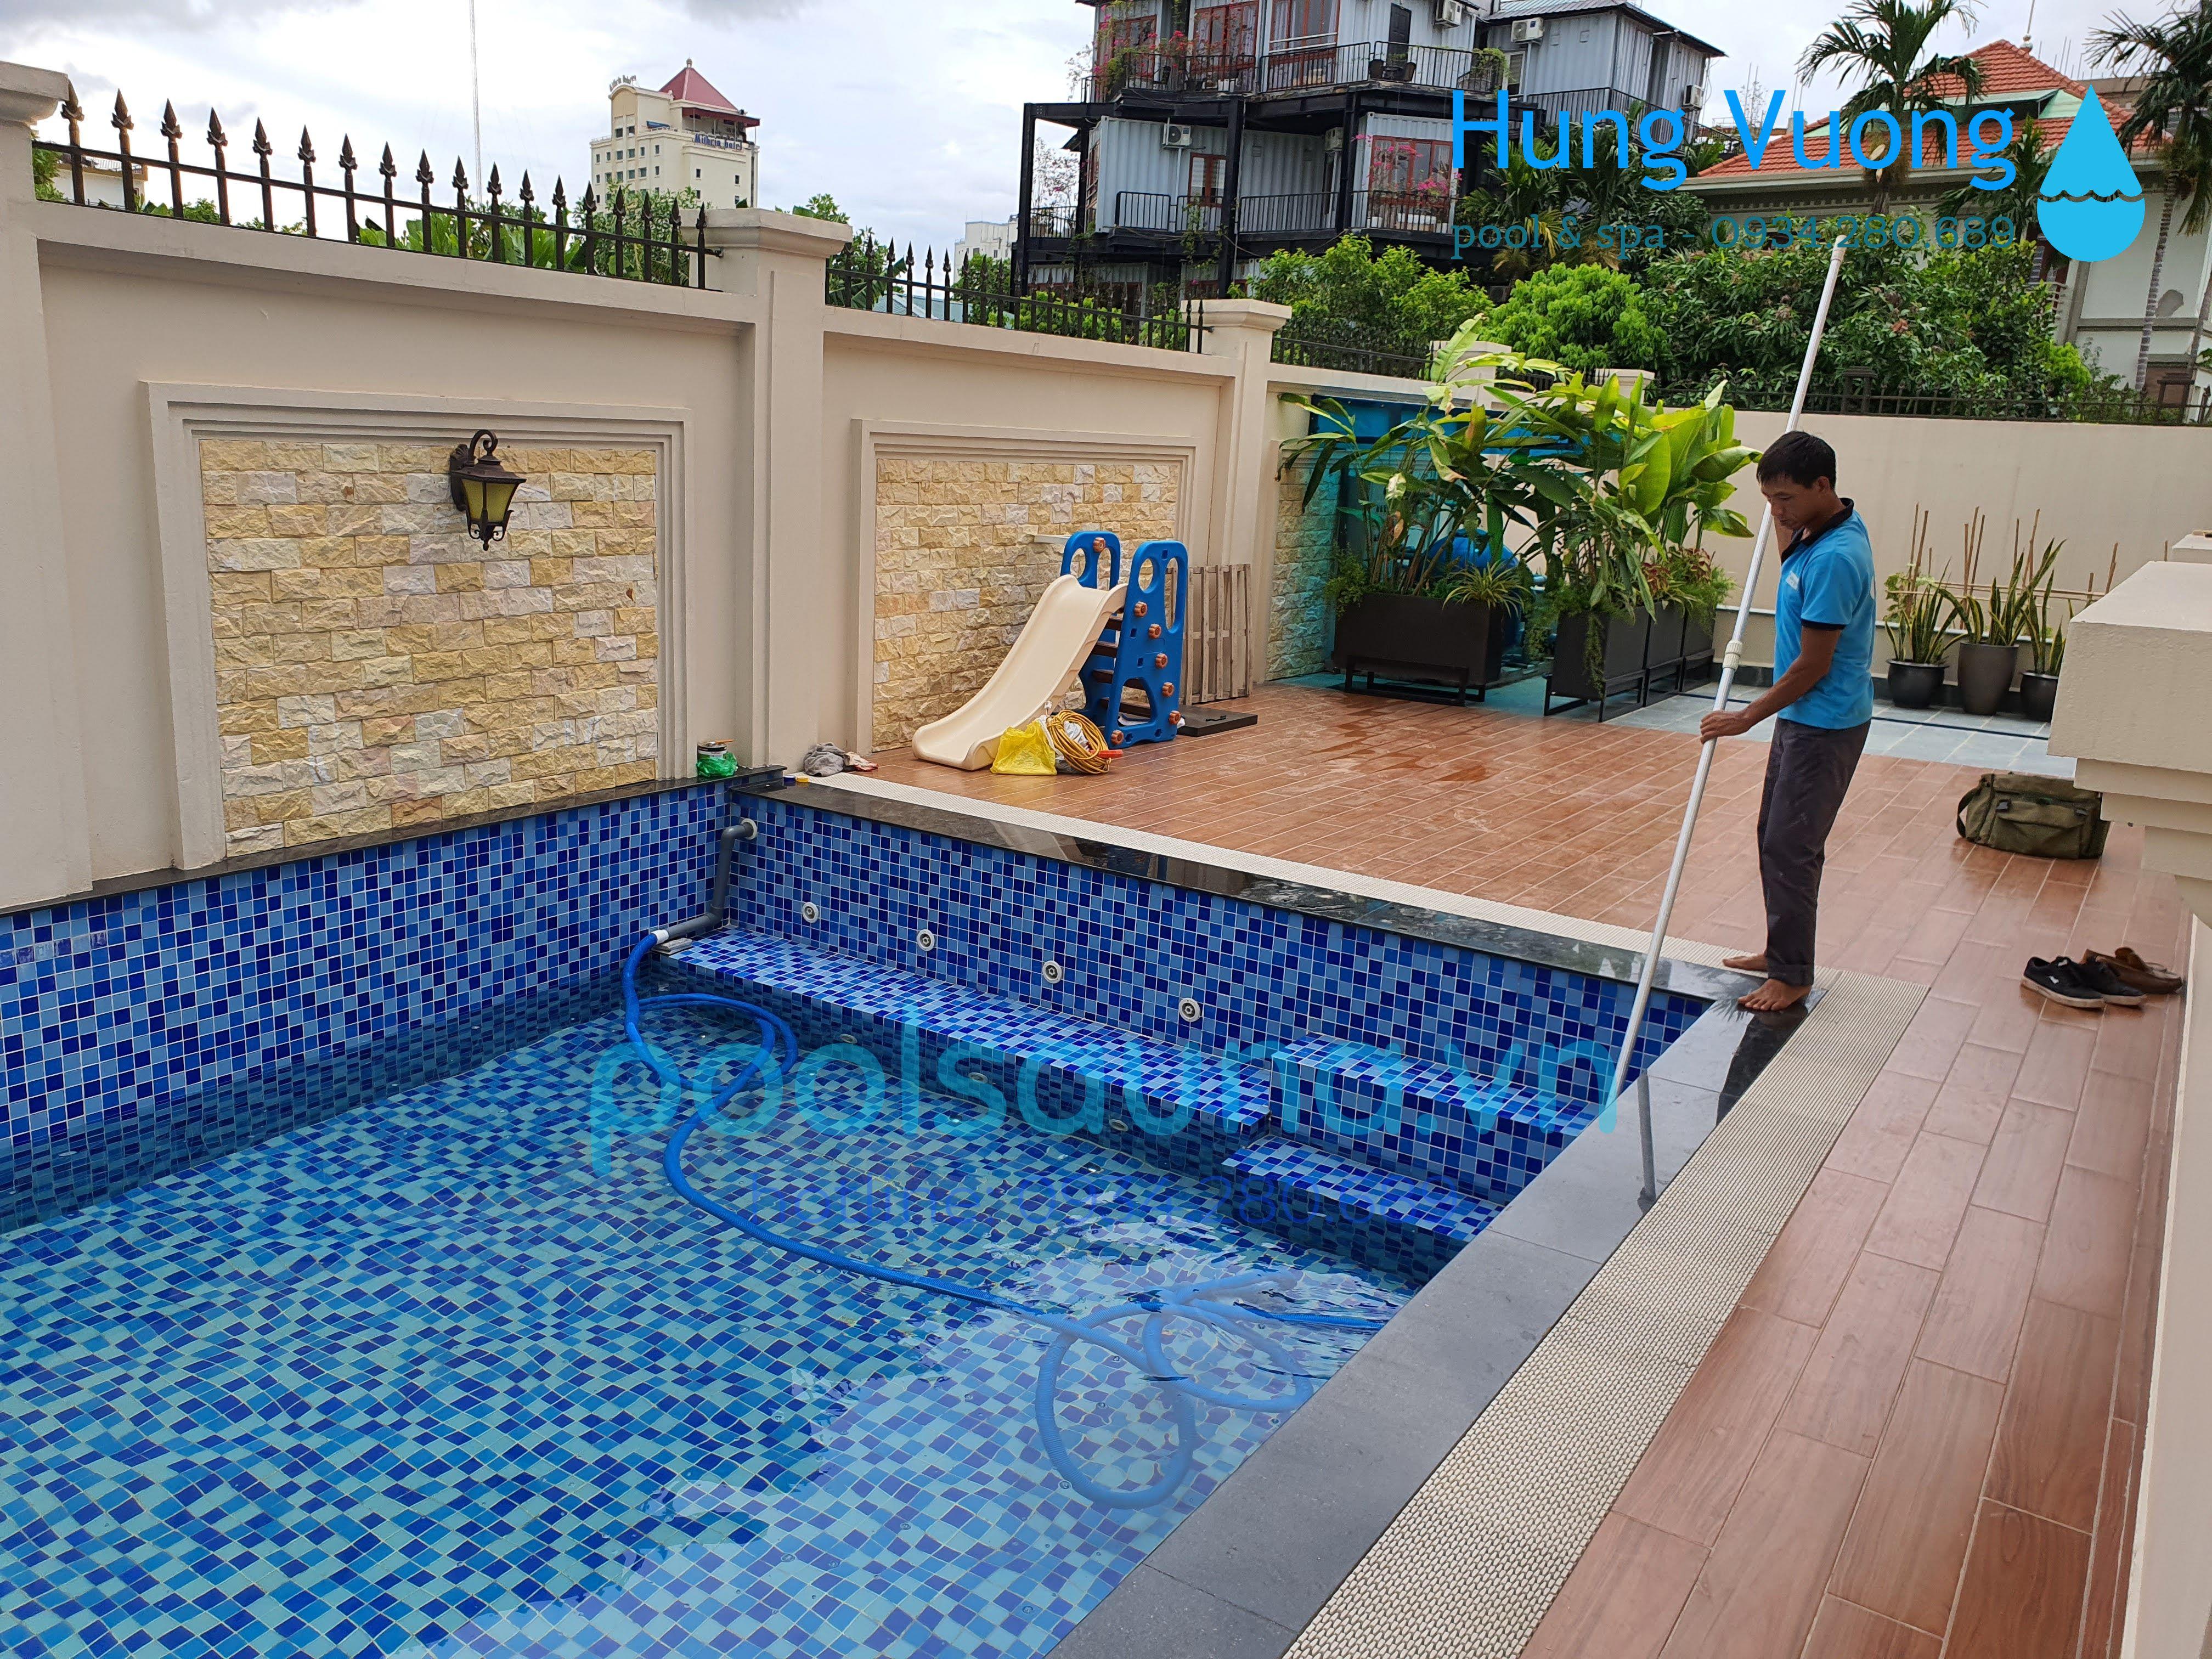 Hệ thống xử lý nước bể bơi: Thiết bị, nguyên lý hoạt động và quy trình lắp đặt